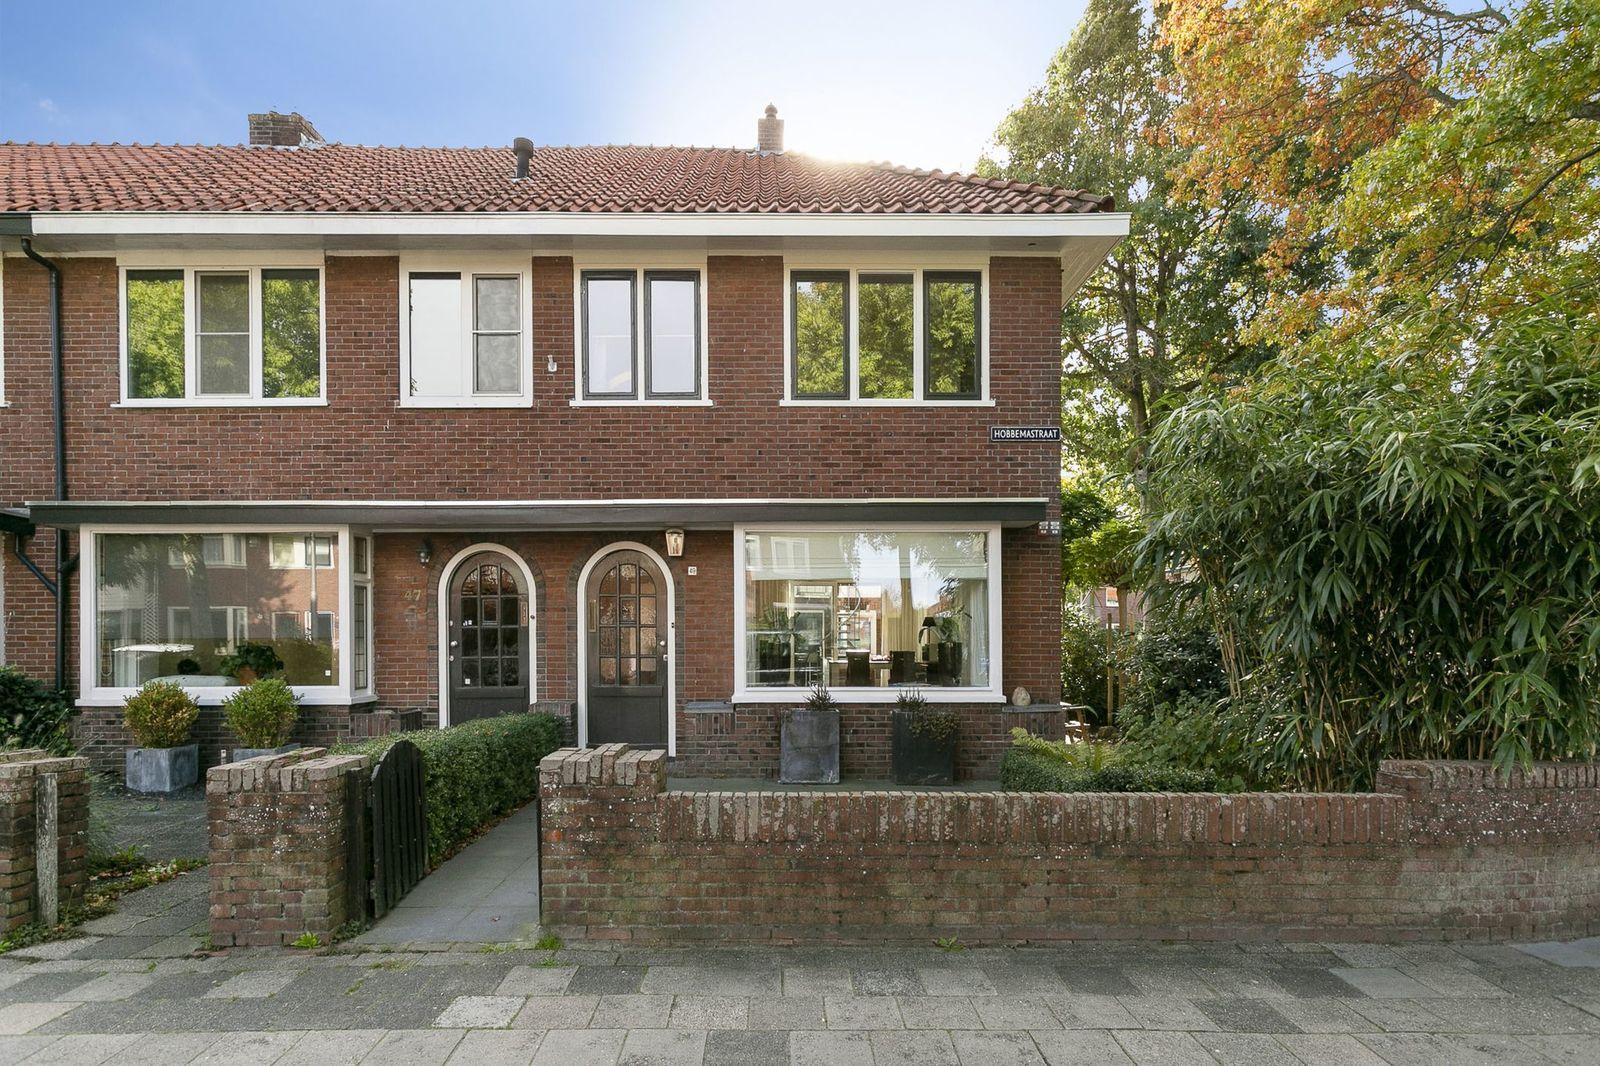 Hobbemastraat 49, Leeuwarden